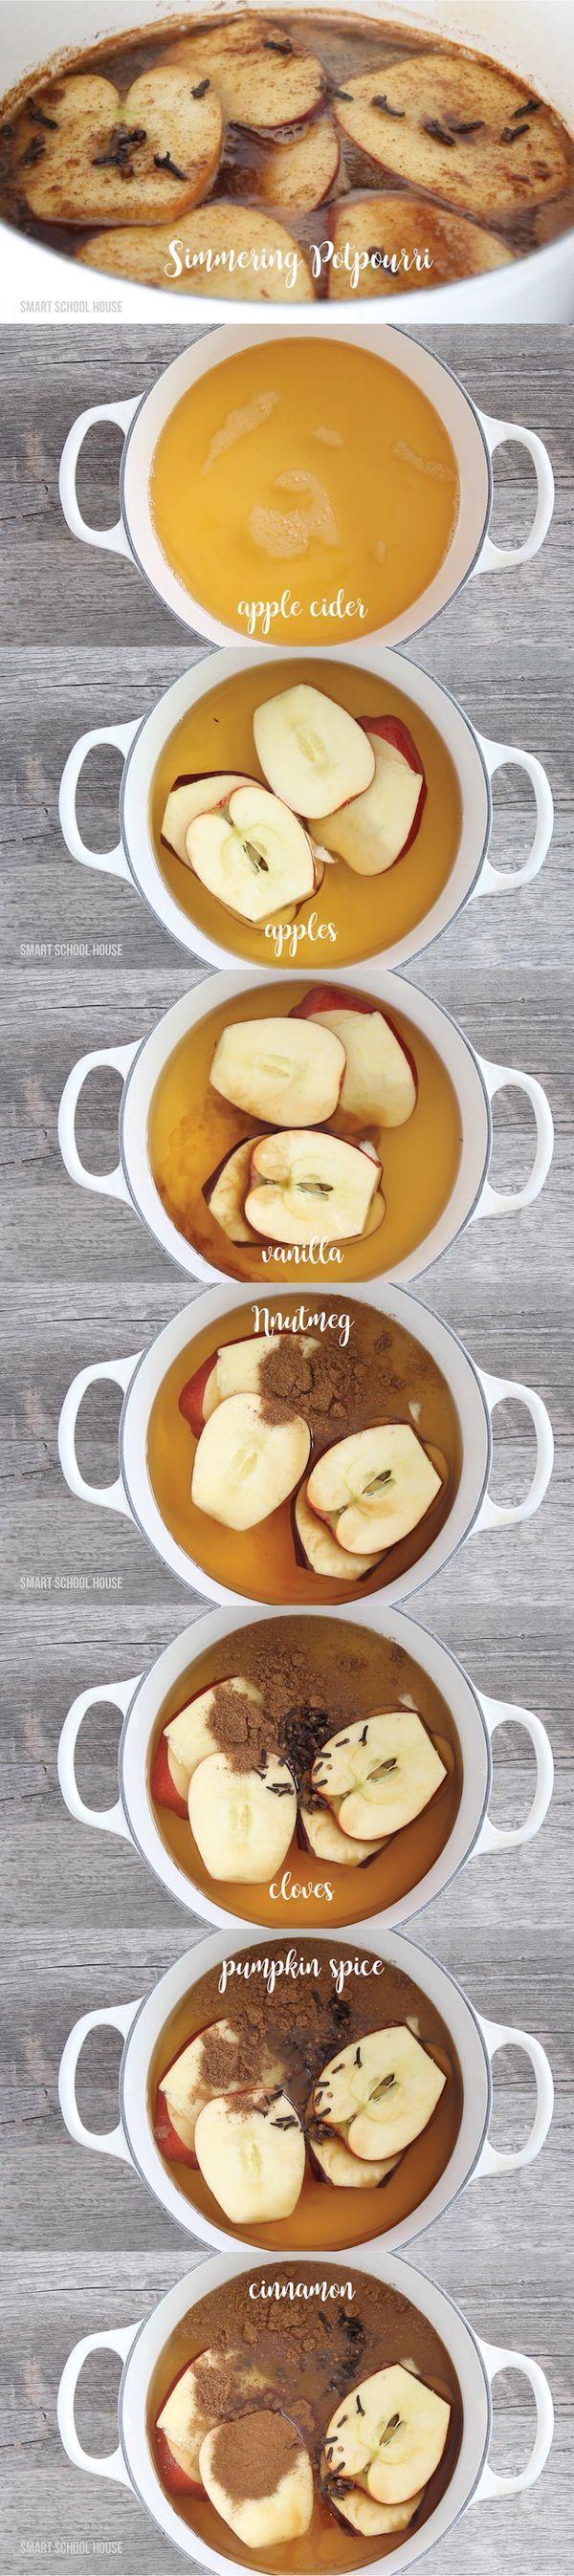 Simmering Potpourri recipe.